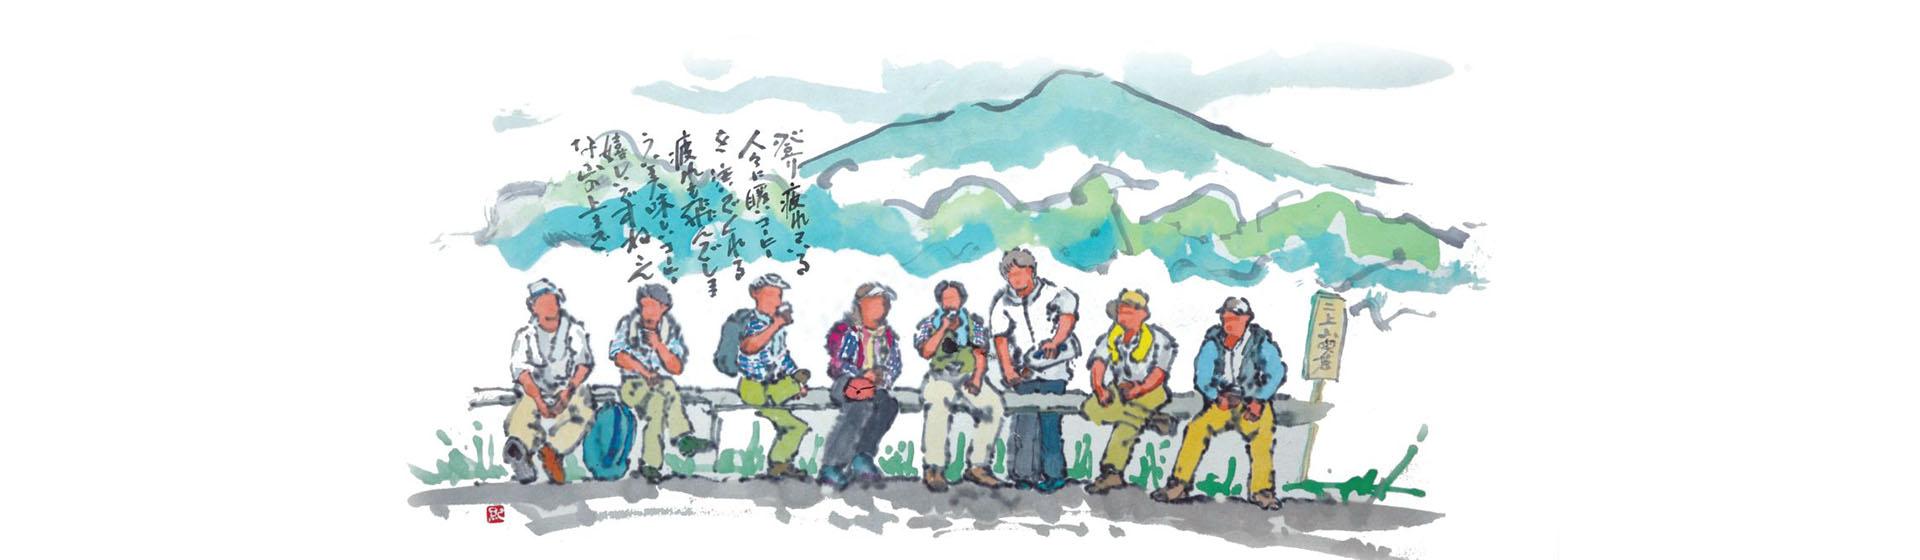 NPO法人シニアメッセージ21